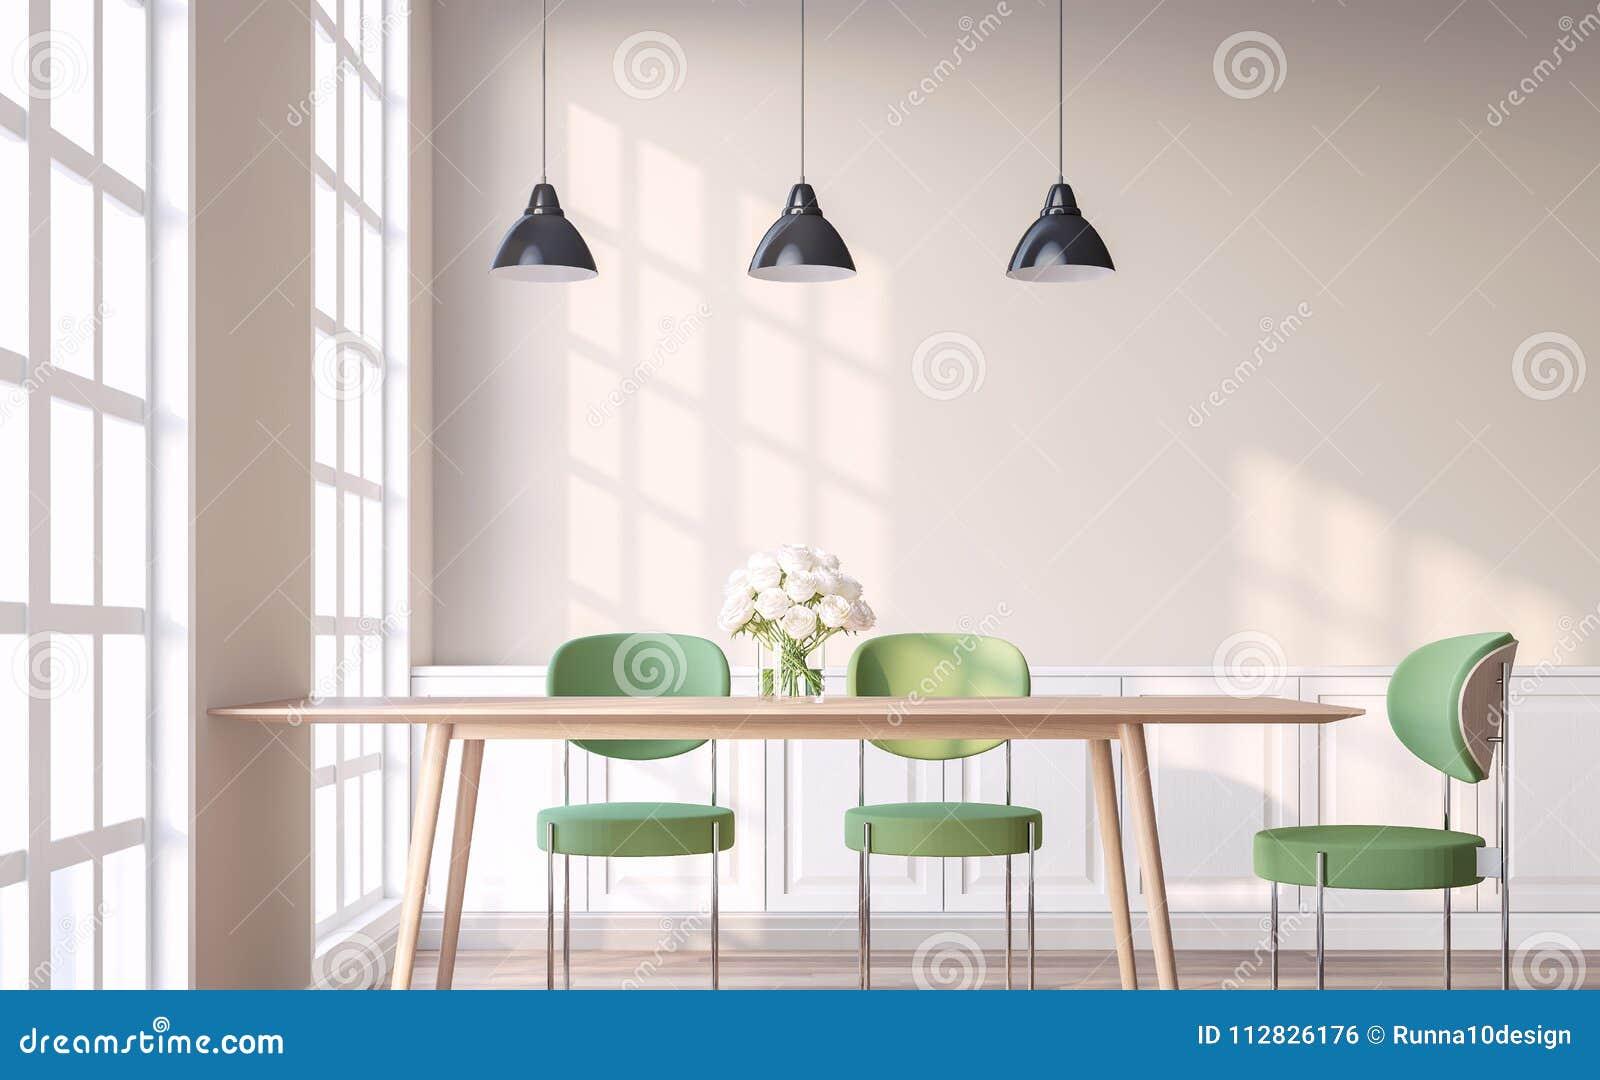 Manger Style La Chaise Salle Verte à Vintage Avec De De La D9IWH2E